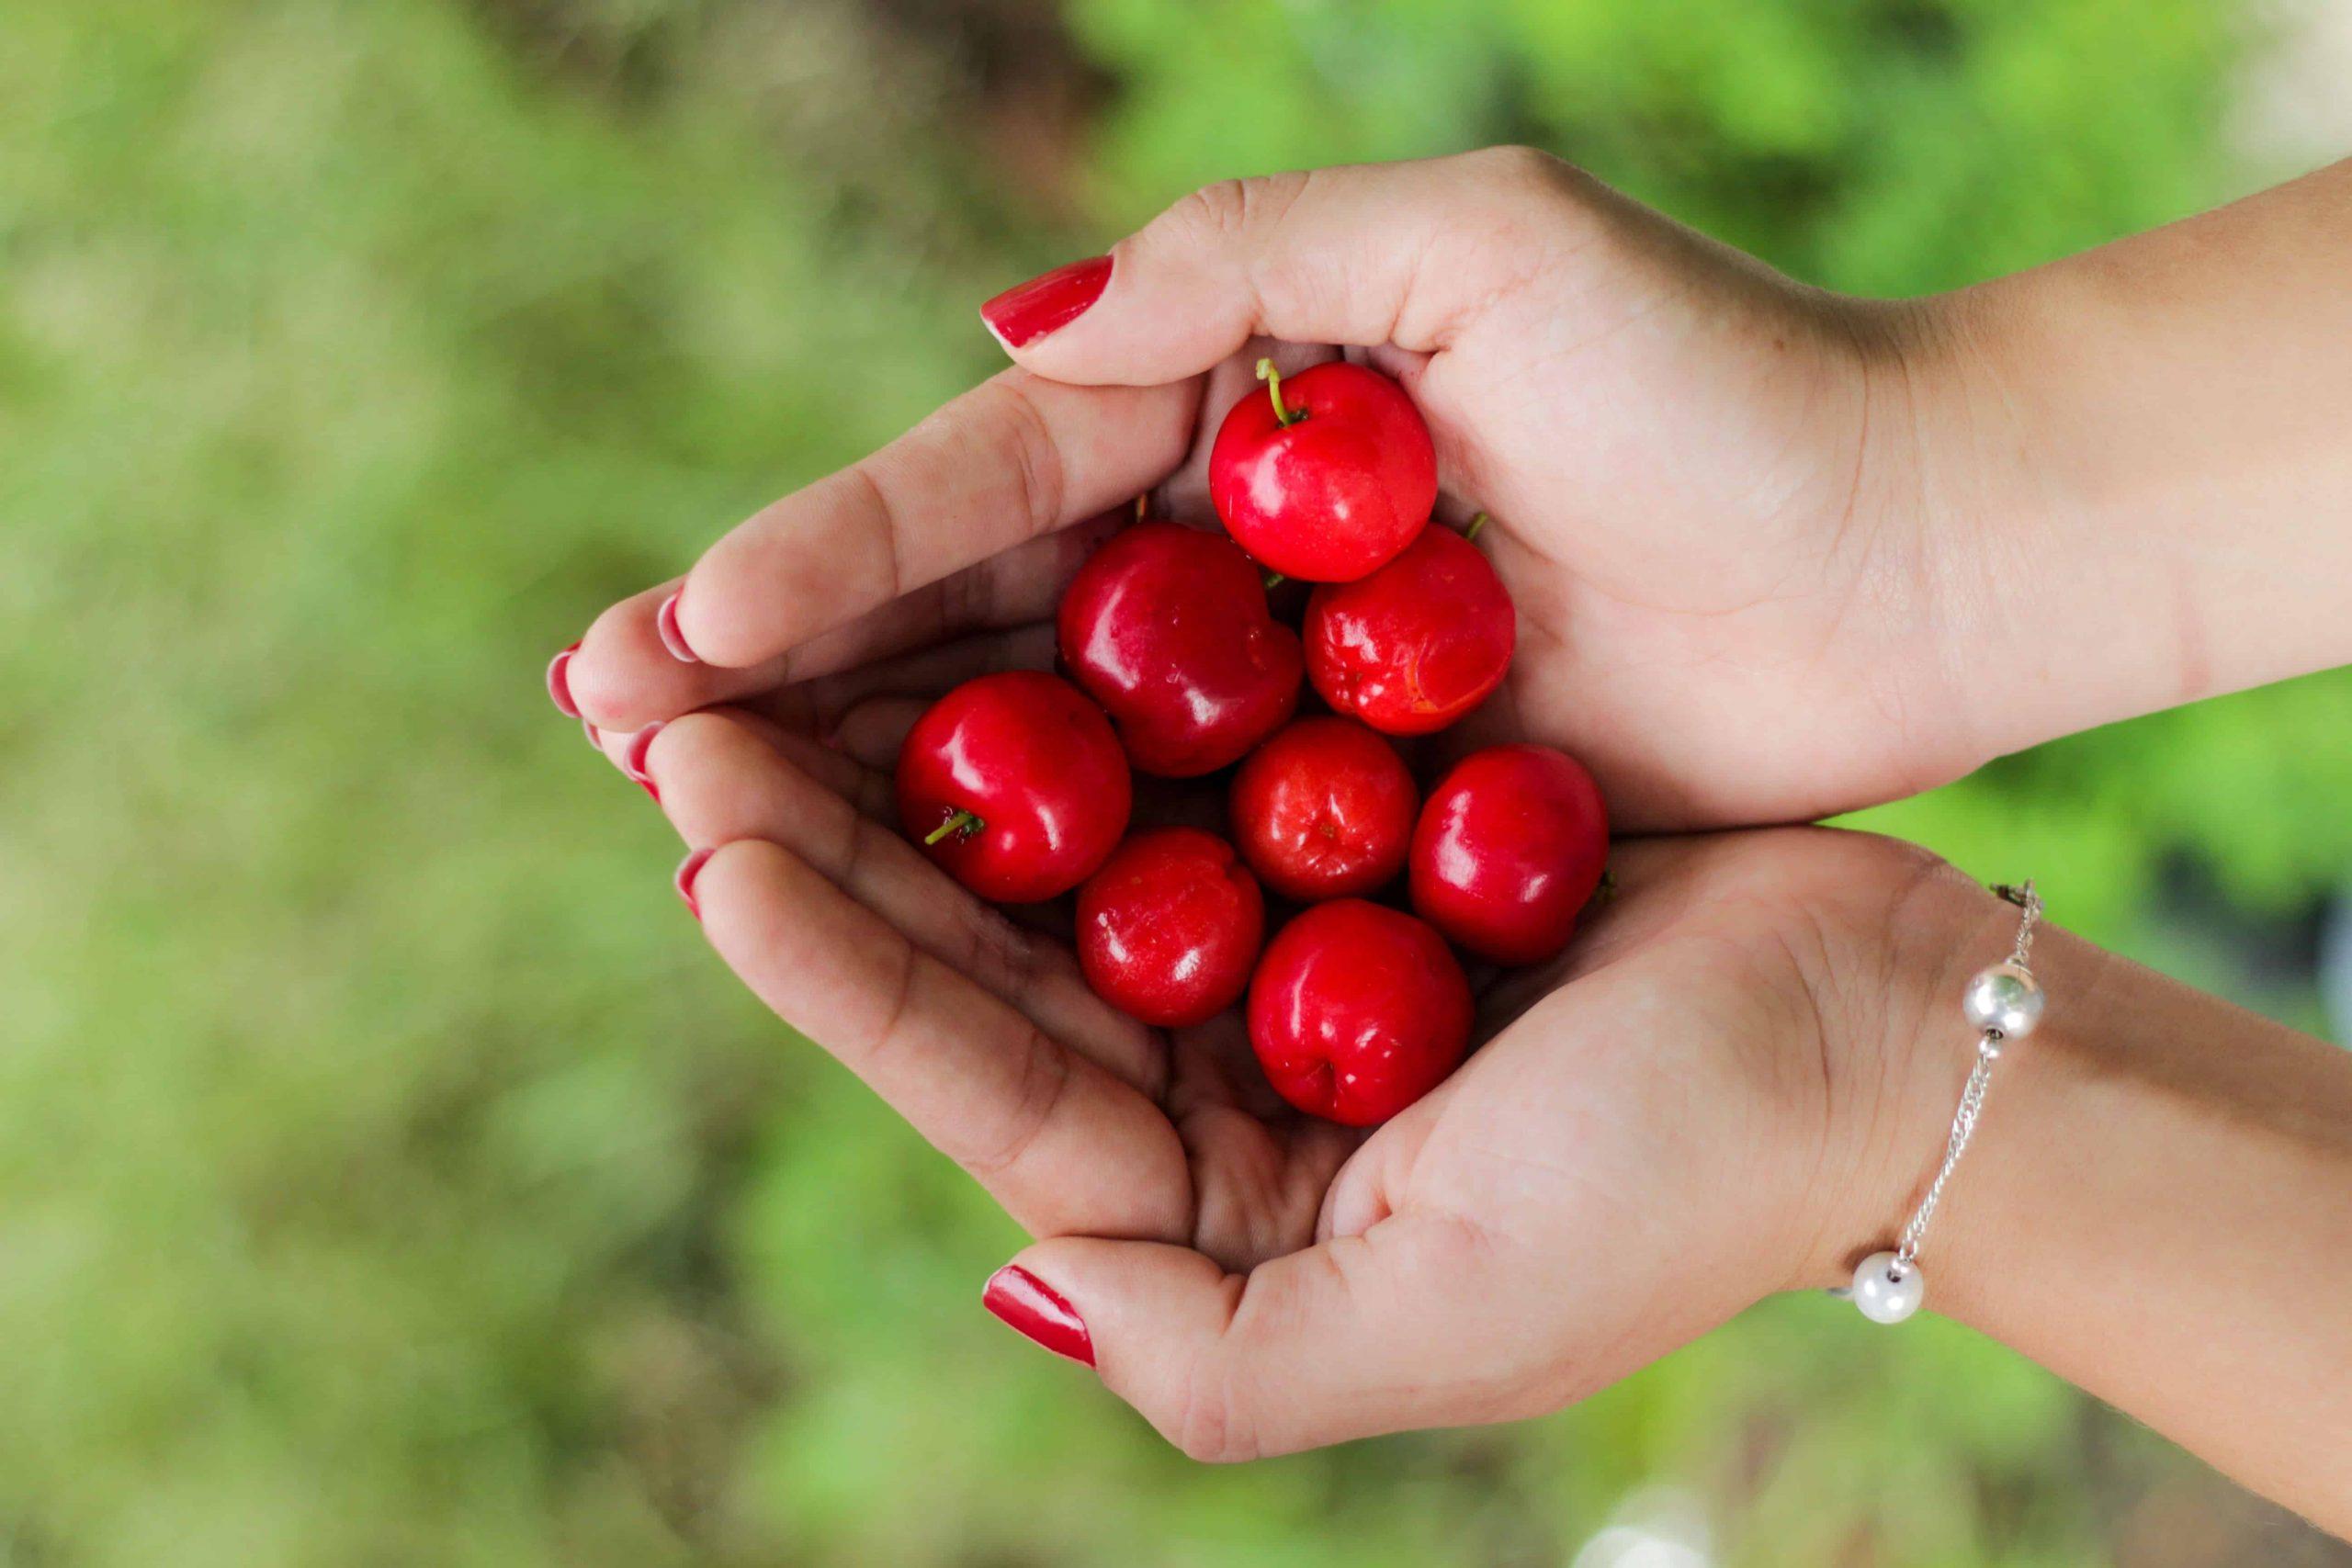 Frauenhände halten Acerola-Früchte